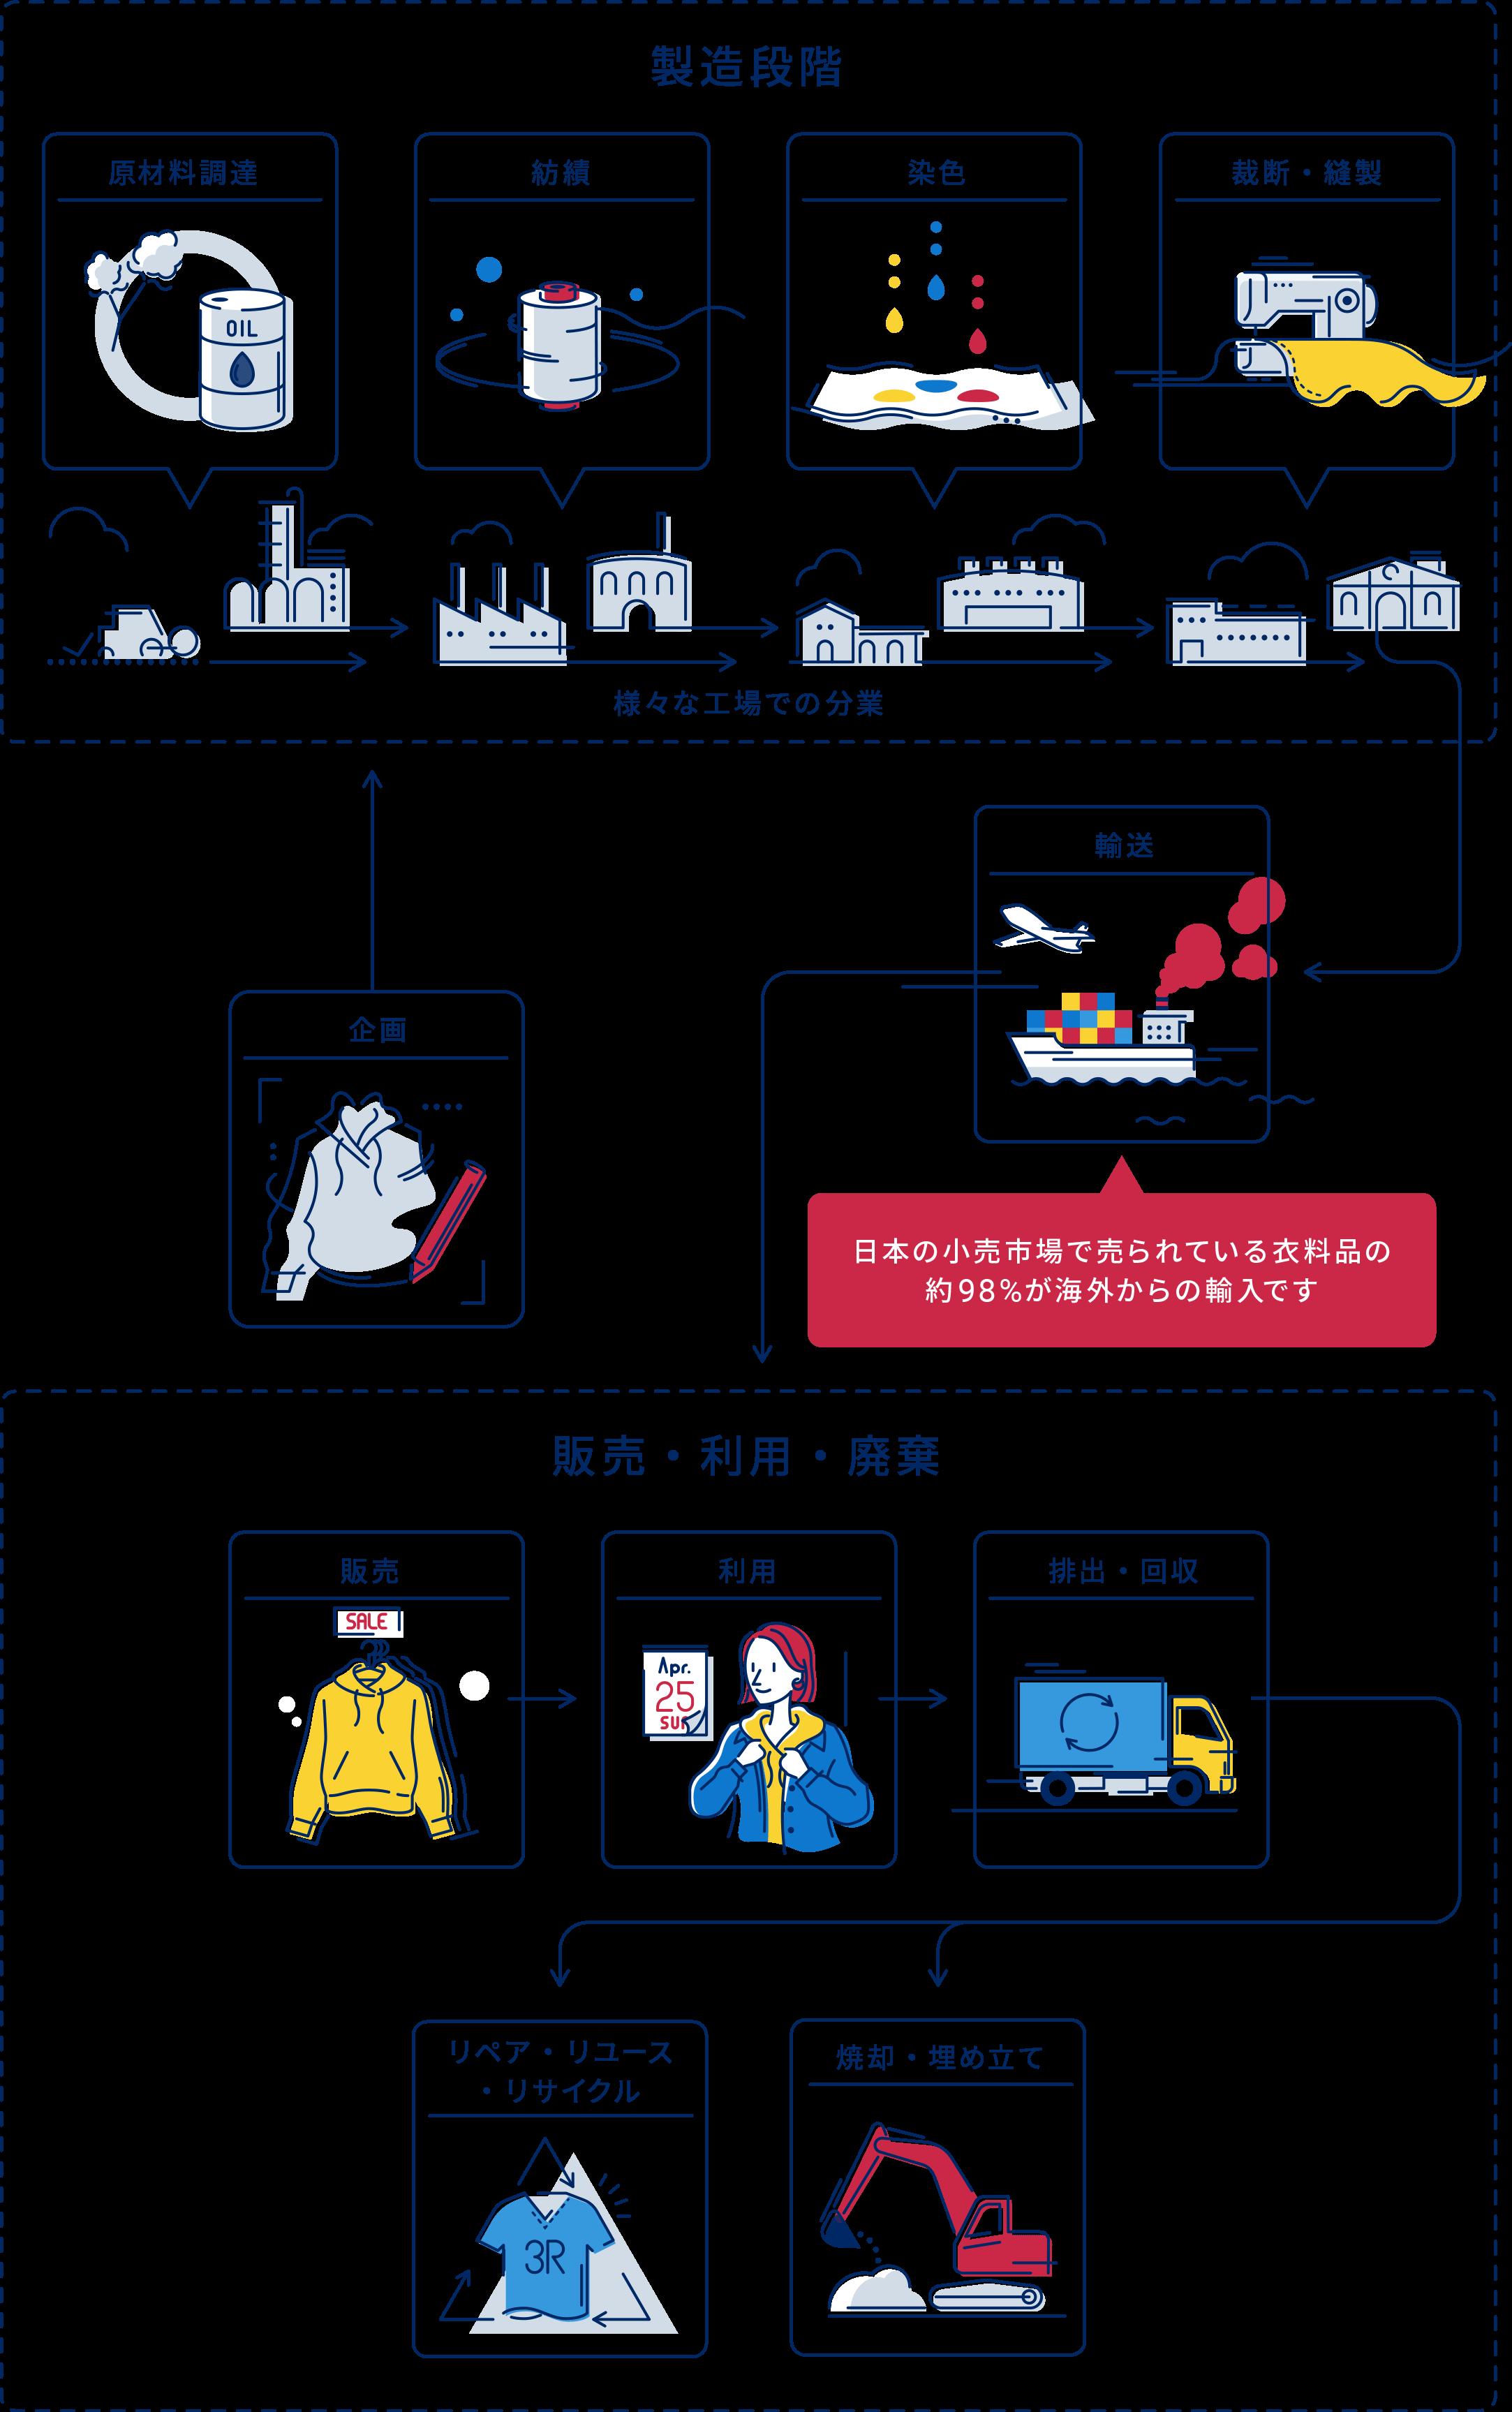 企画→製造段階(原材料調達、紡績、染色、裁断・縫製)→輸送→販売・利用・破棄(販売→利用→排出→リペア。リユース・リサイクルor焼却・埋め立て)